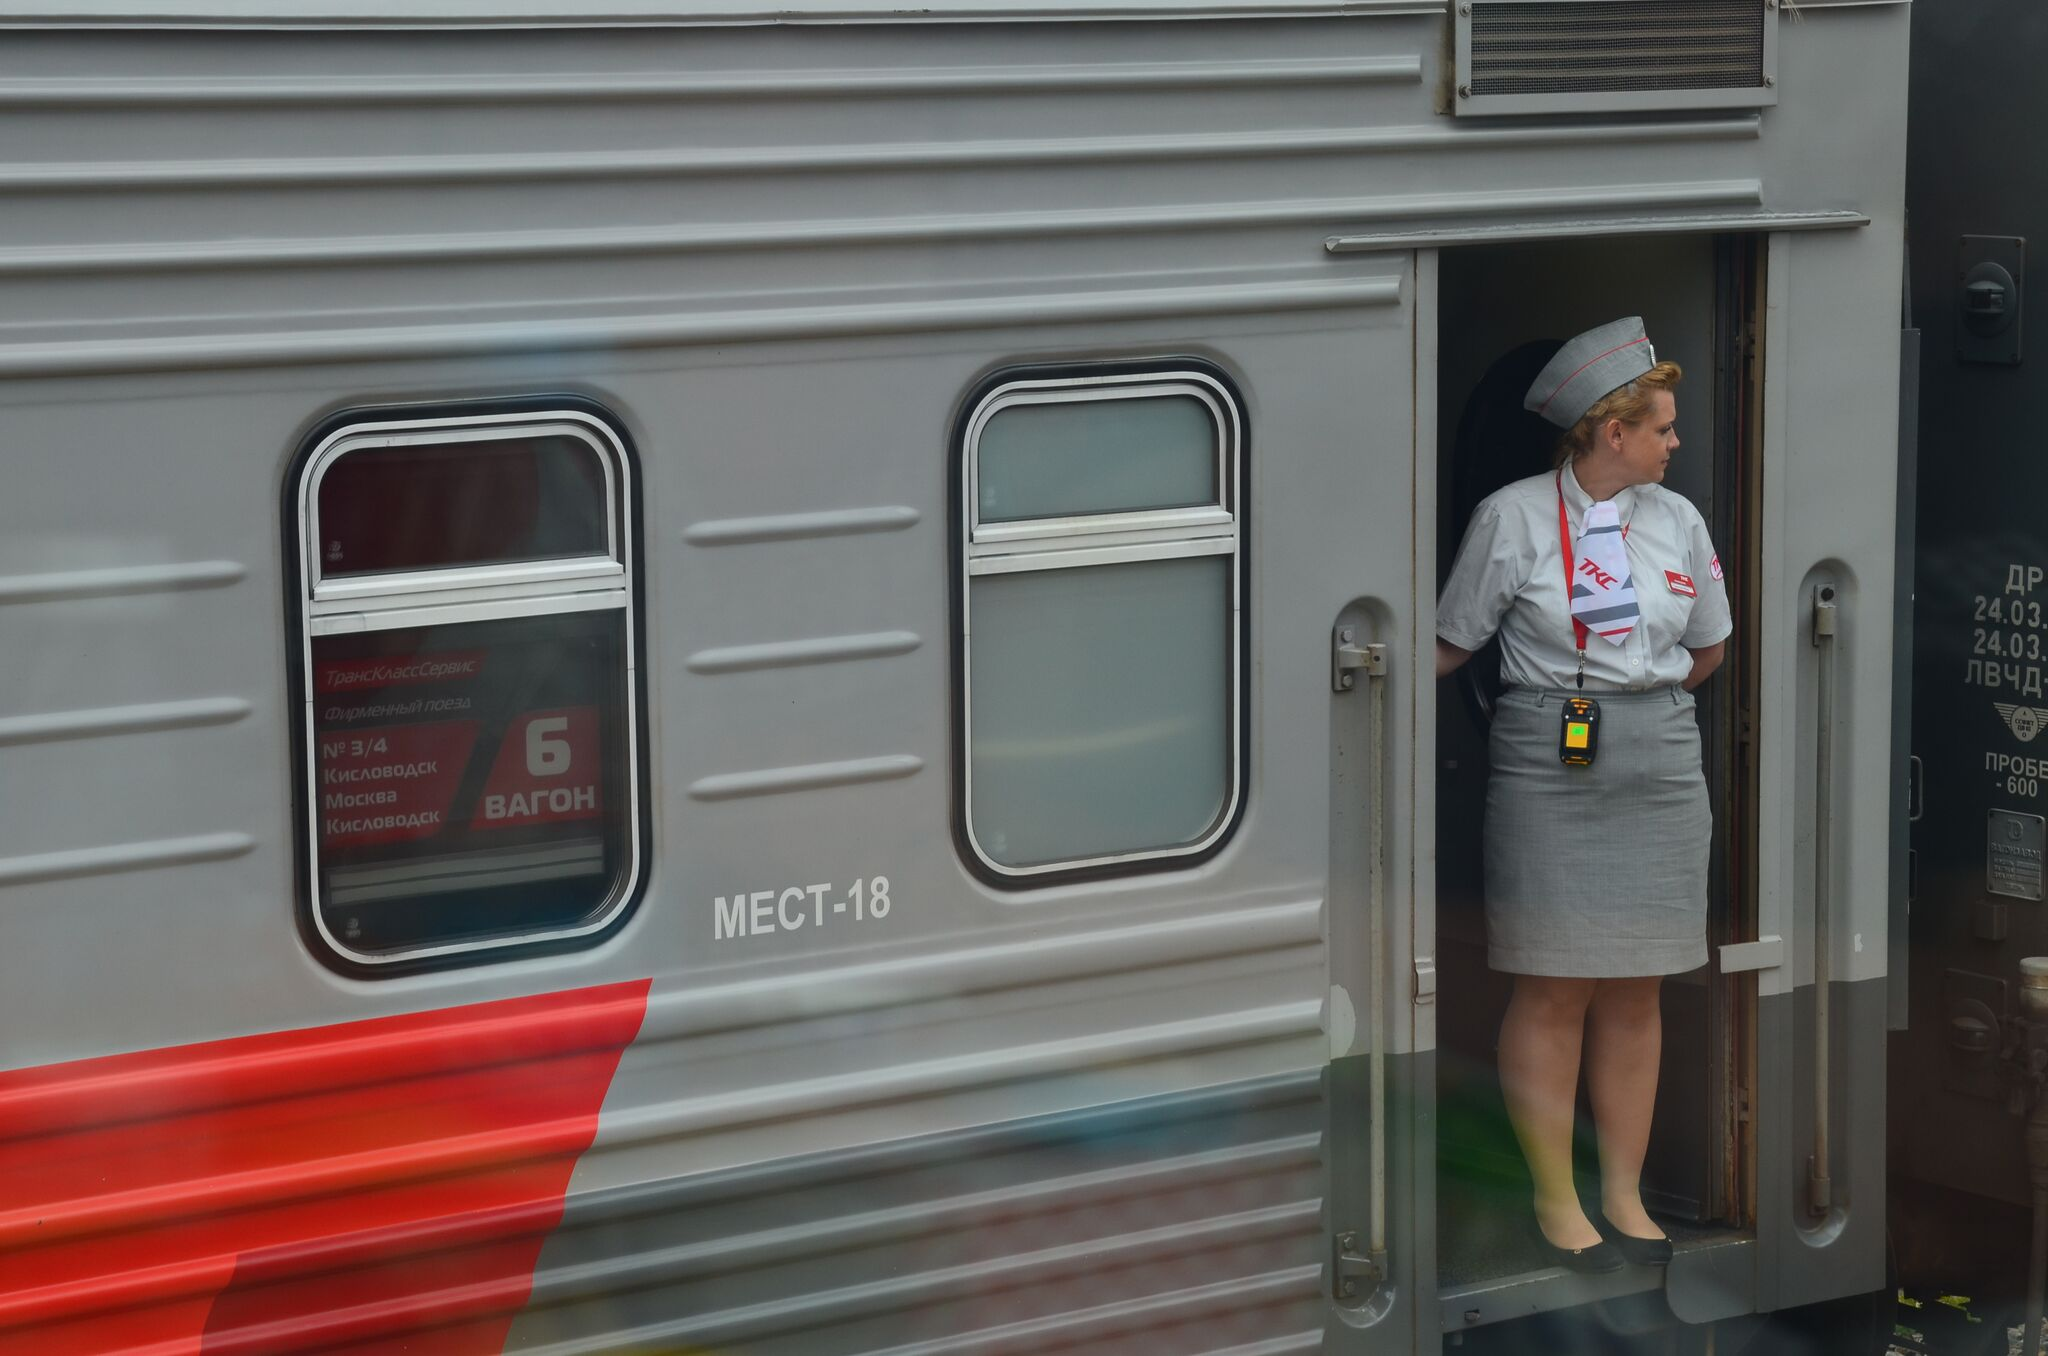 Putovanje iz snova: Od Moskve do Vladivostoka u vagonu bez kupea